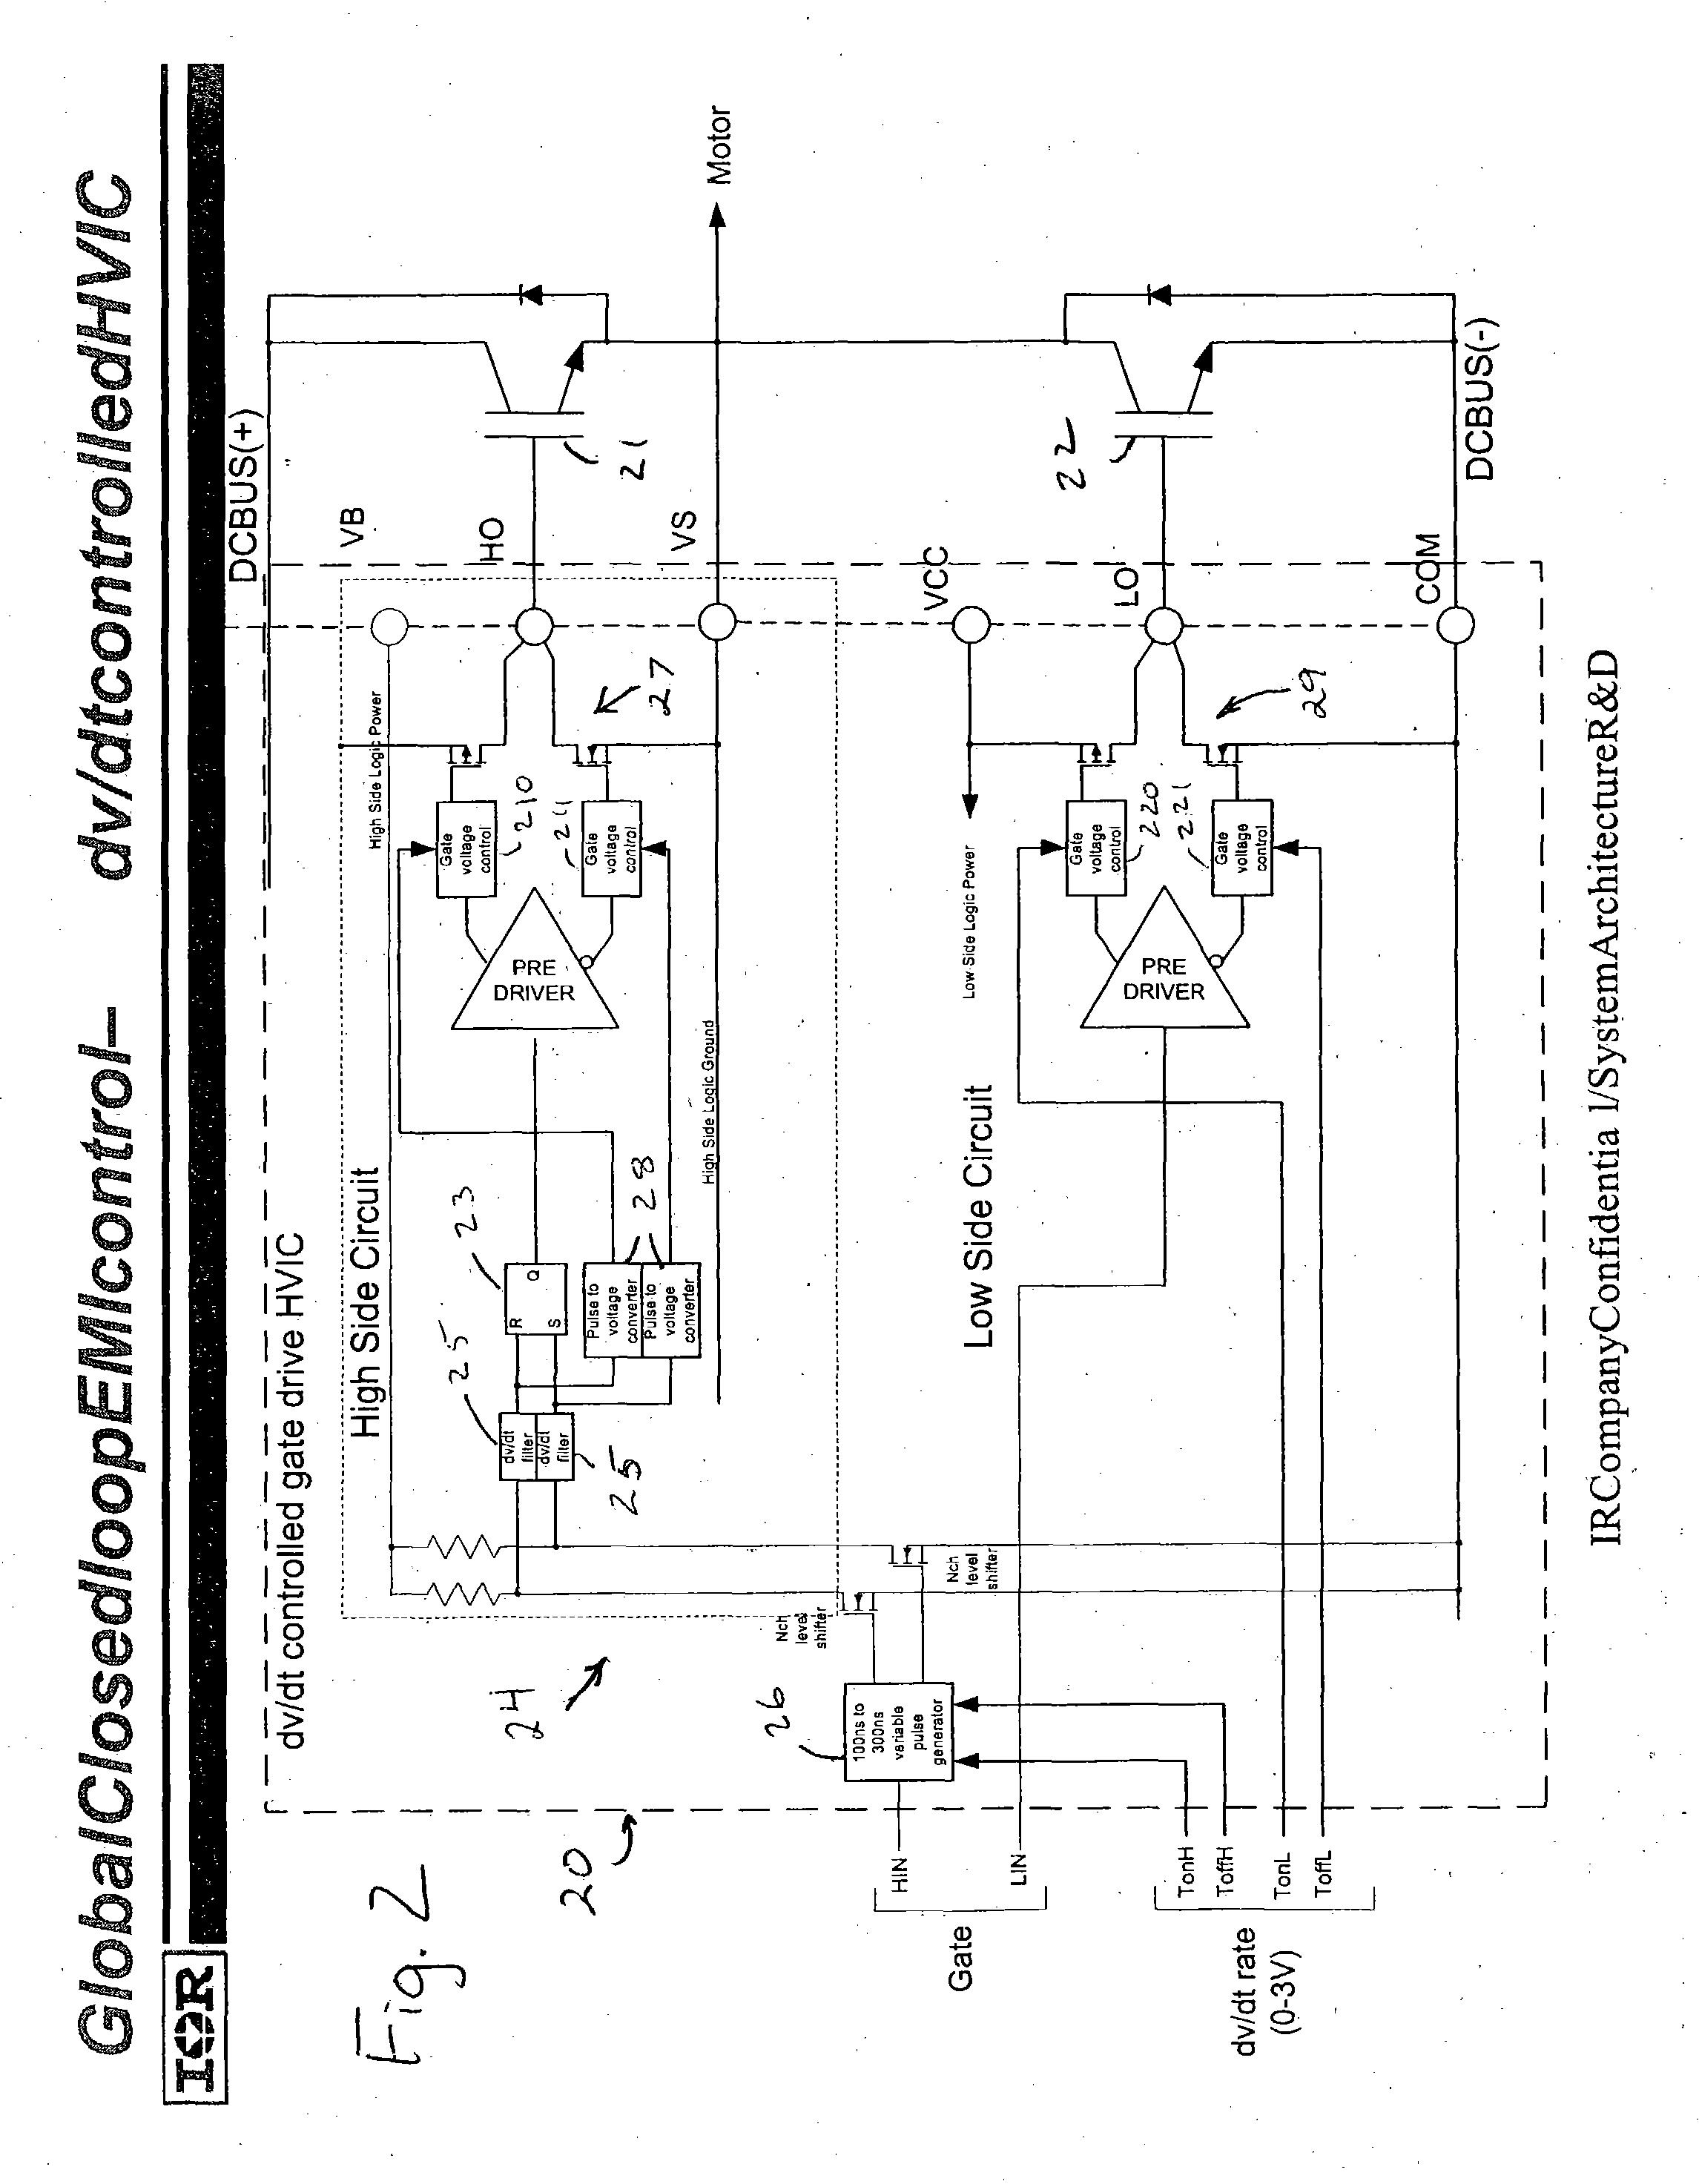 patent us20040130923